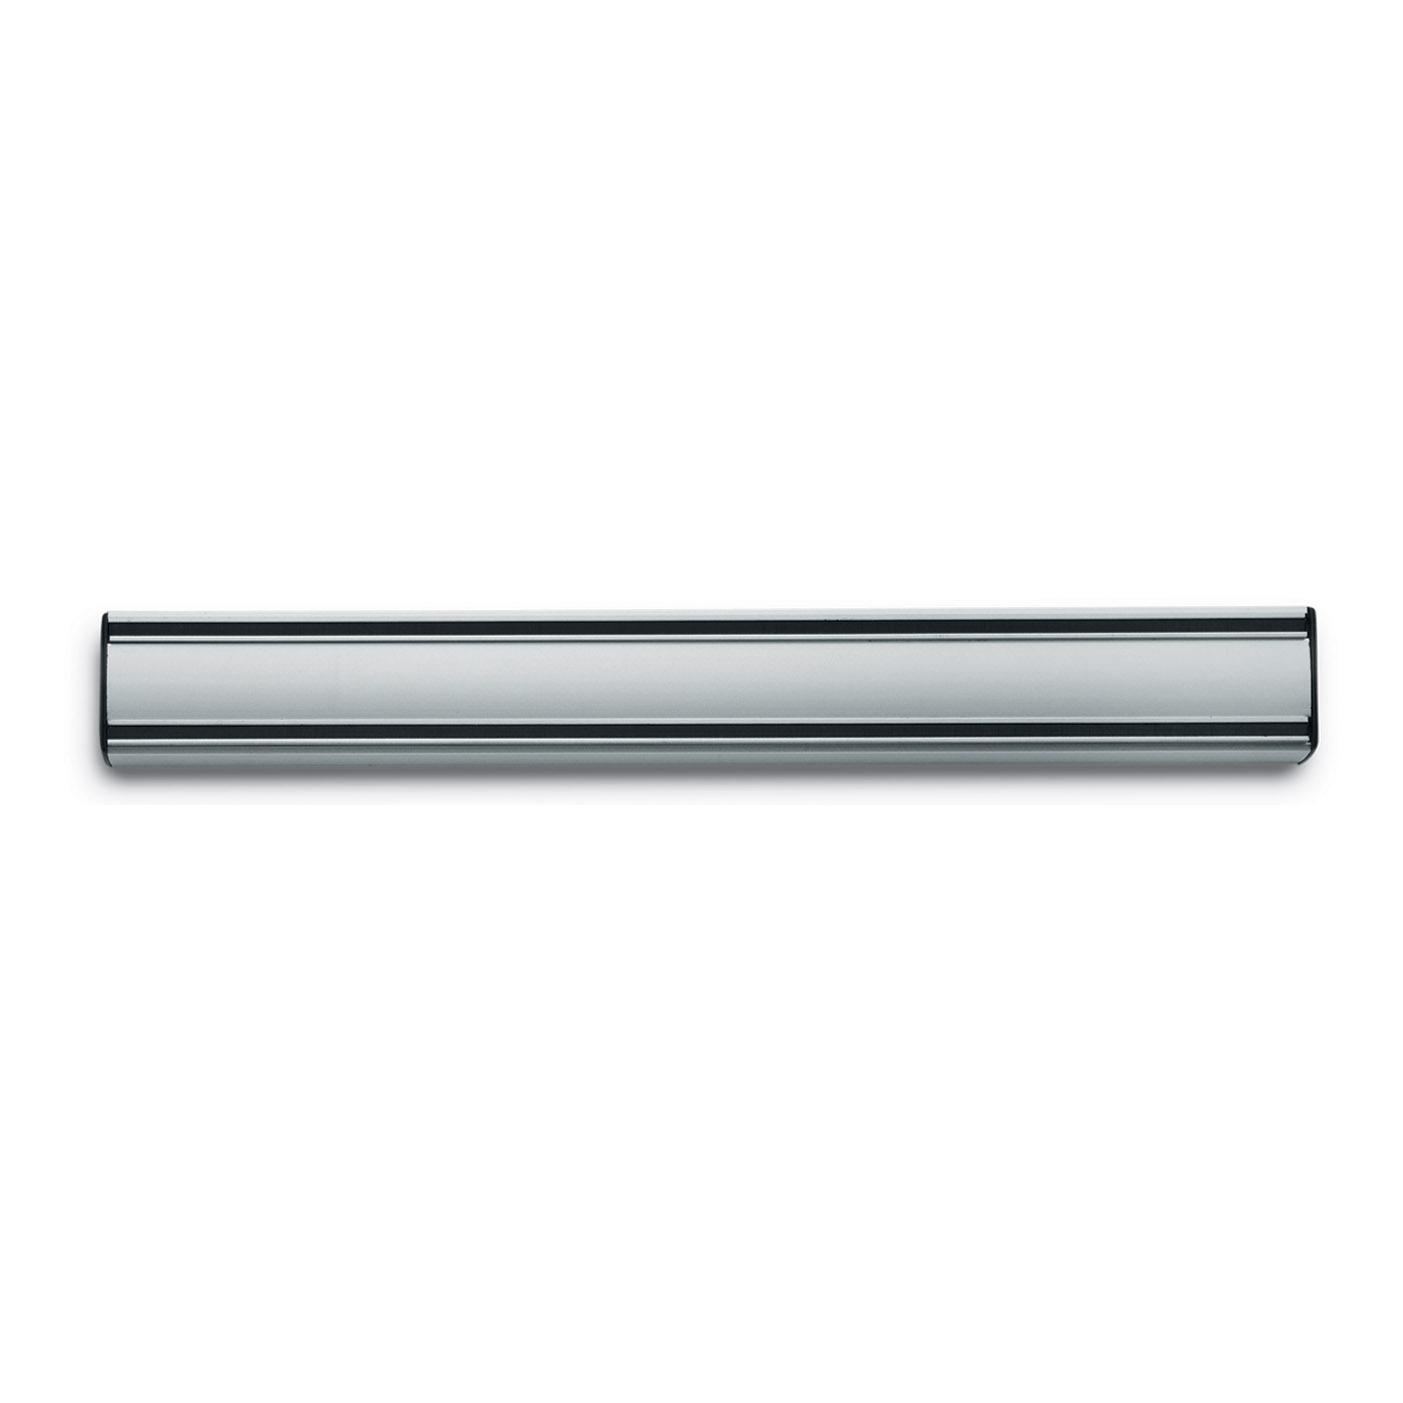 Magnetická lišta na nože 35 cm stříbrná WÜSTHOF